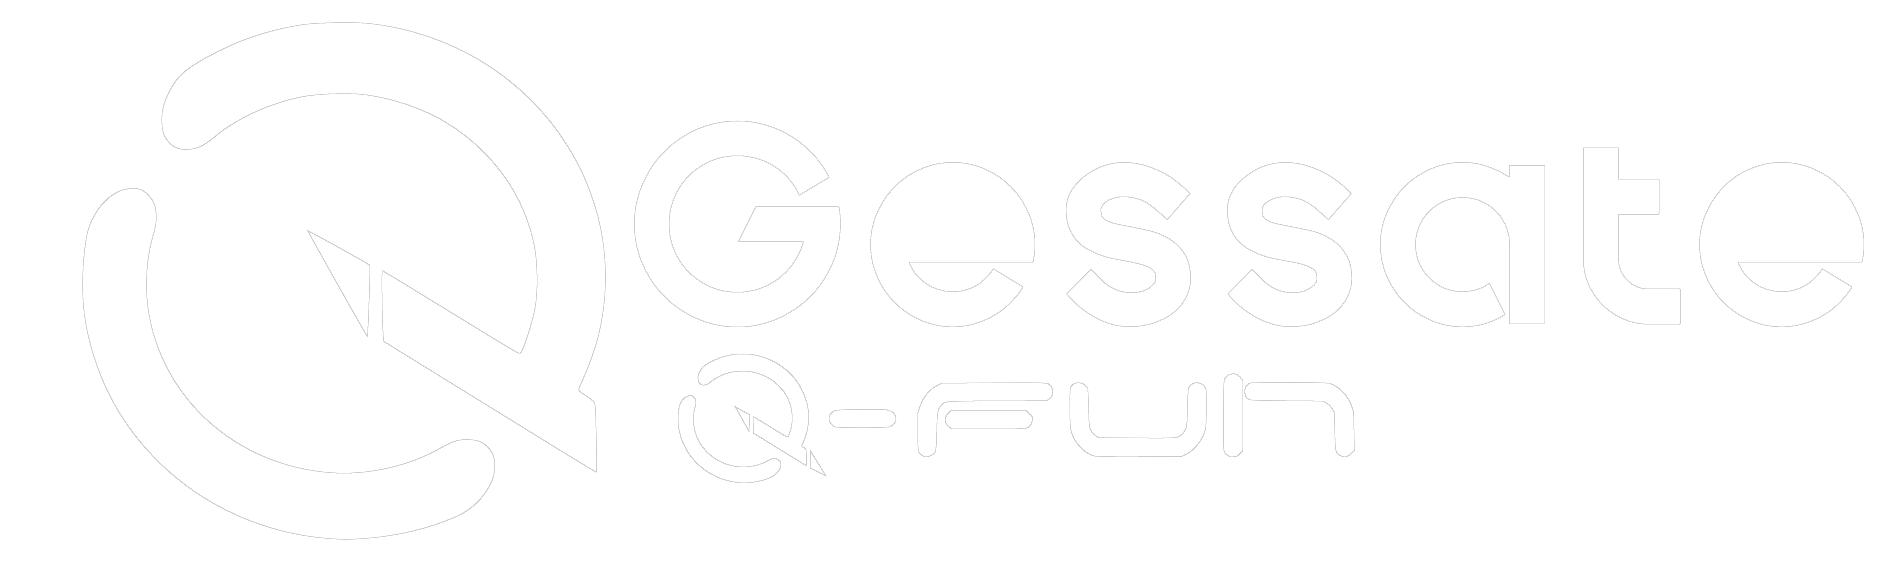 AlphaGame Q-Fun Gessate